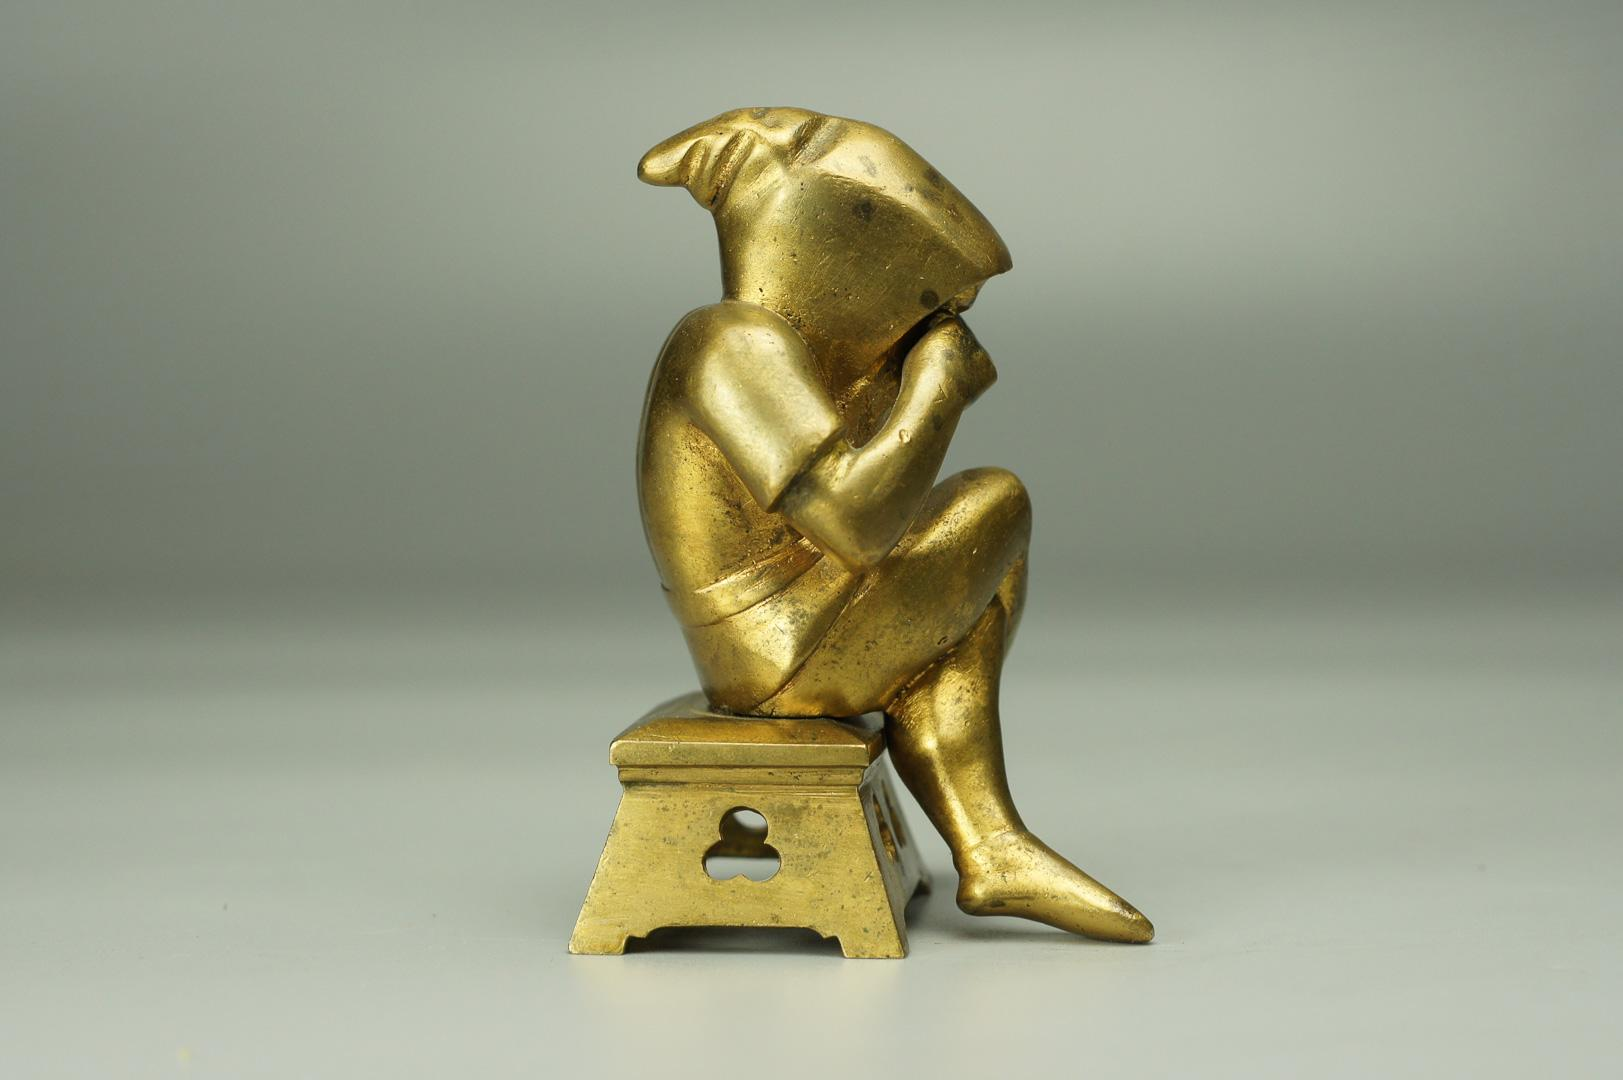 Статуэтка Обиженный гном бронза